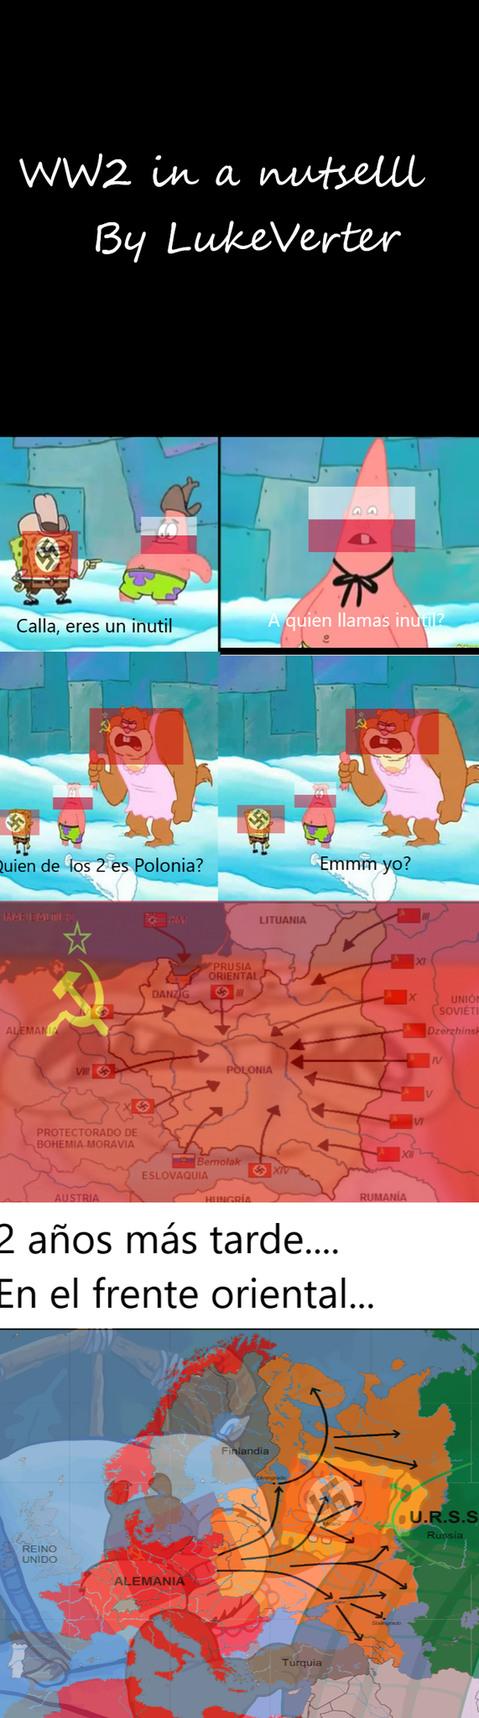 Imitando a Tontencio :happy: - meme